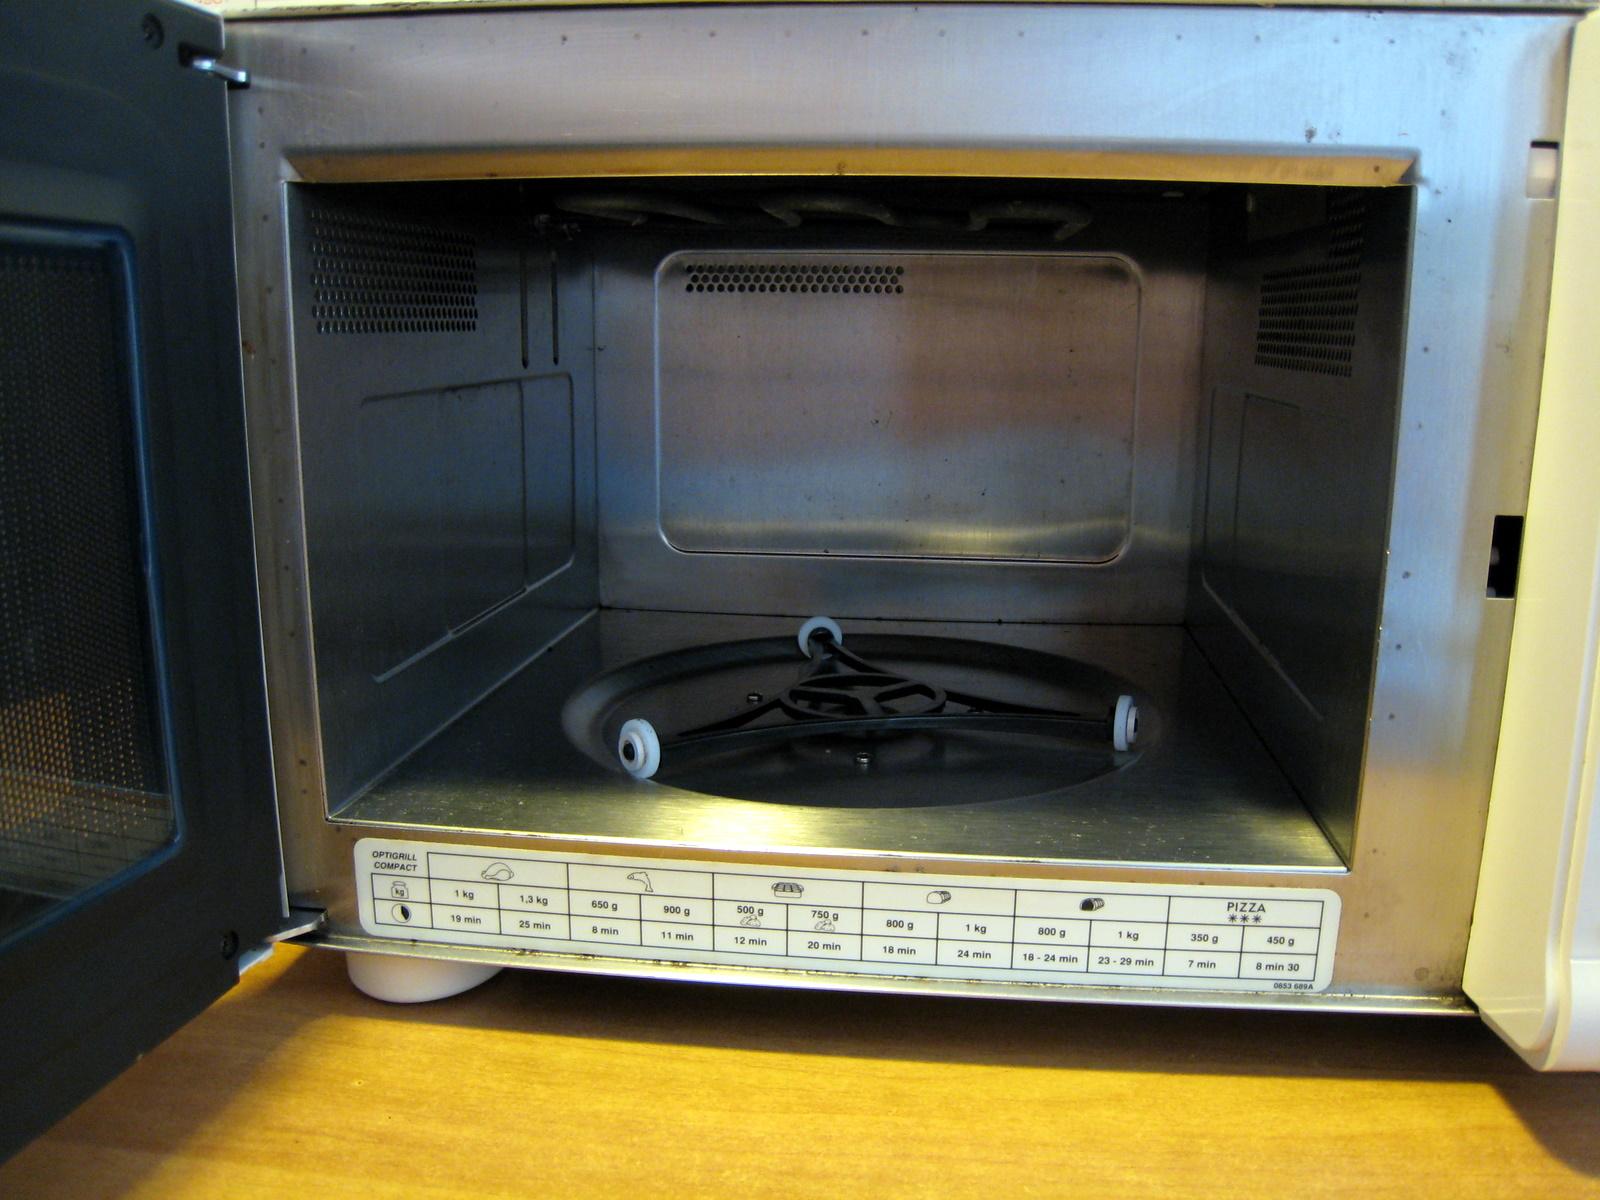 Bartmanxc mercatino forno elettrico ventilato con microonde mulinex optigrill compact y56 - Forno elettrico con microonde ...